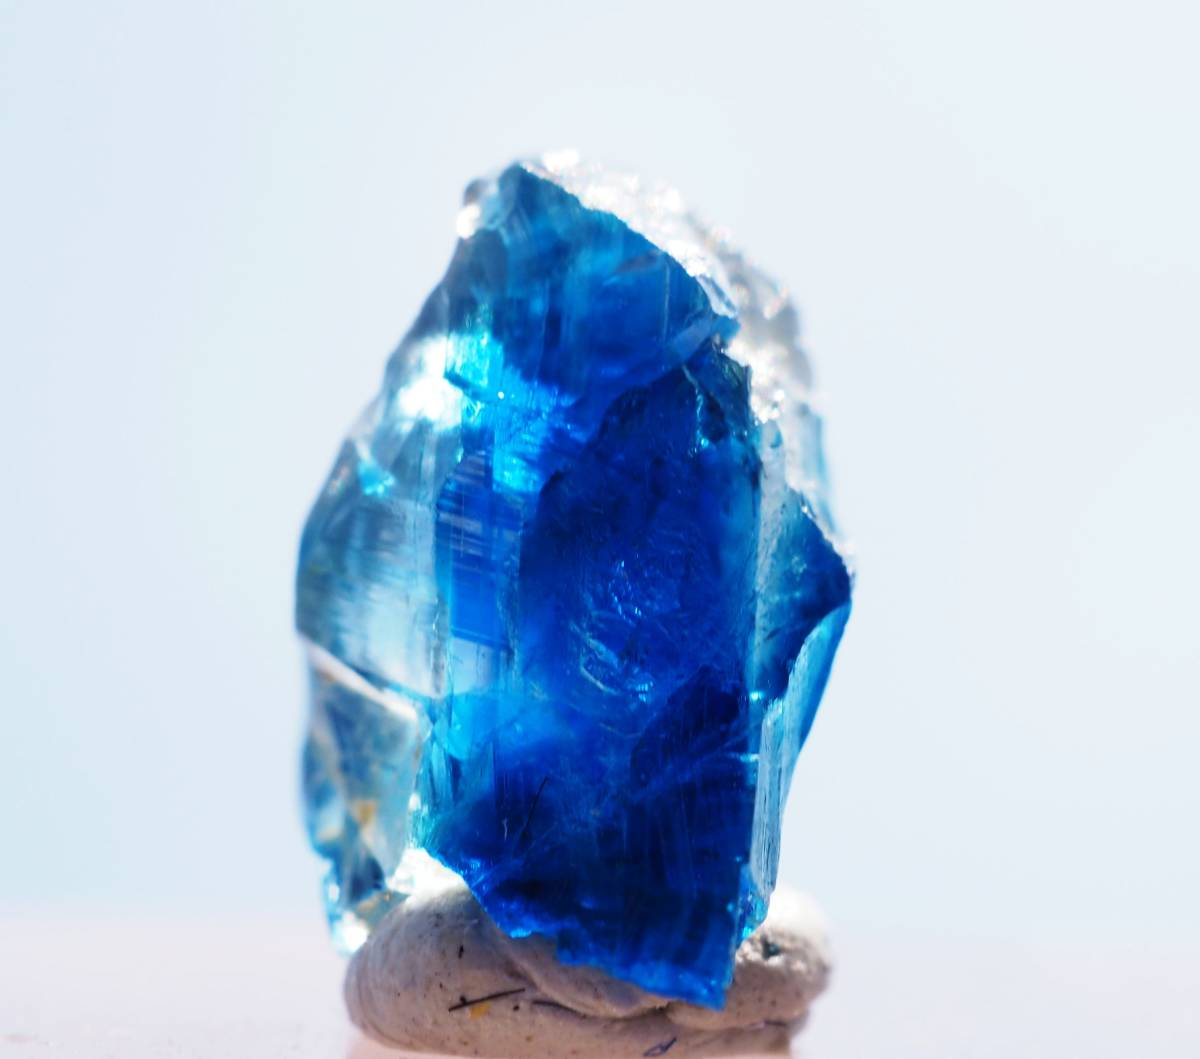 宝石質 ジンバブエ産 ユークレース ハイグレード 深く透明なブルーライン